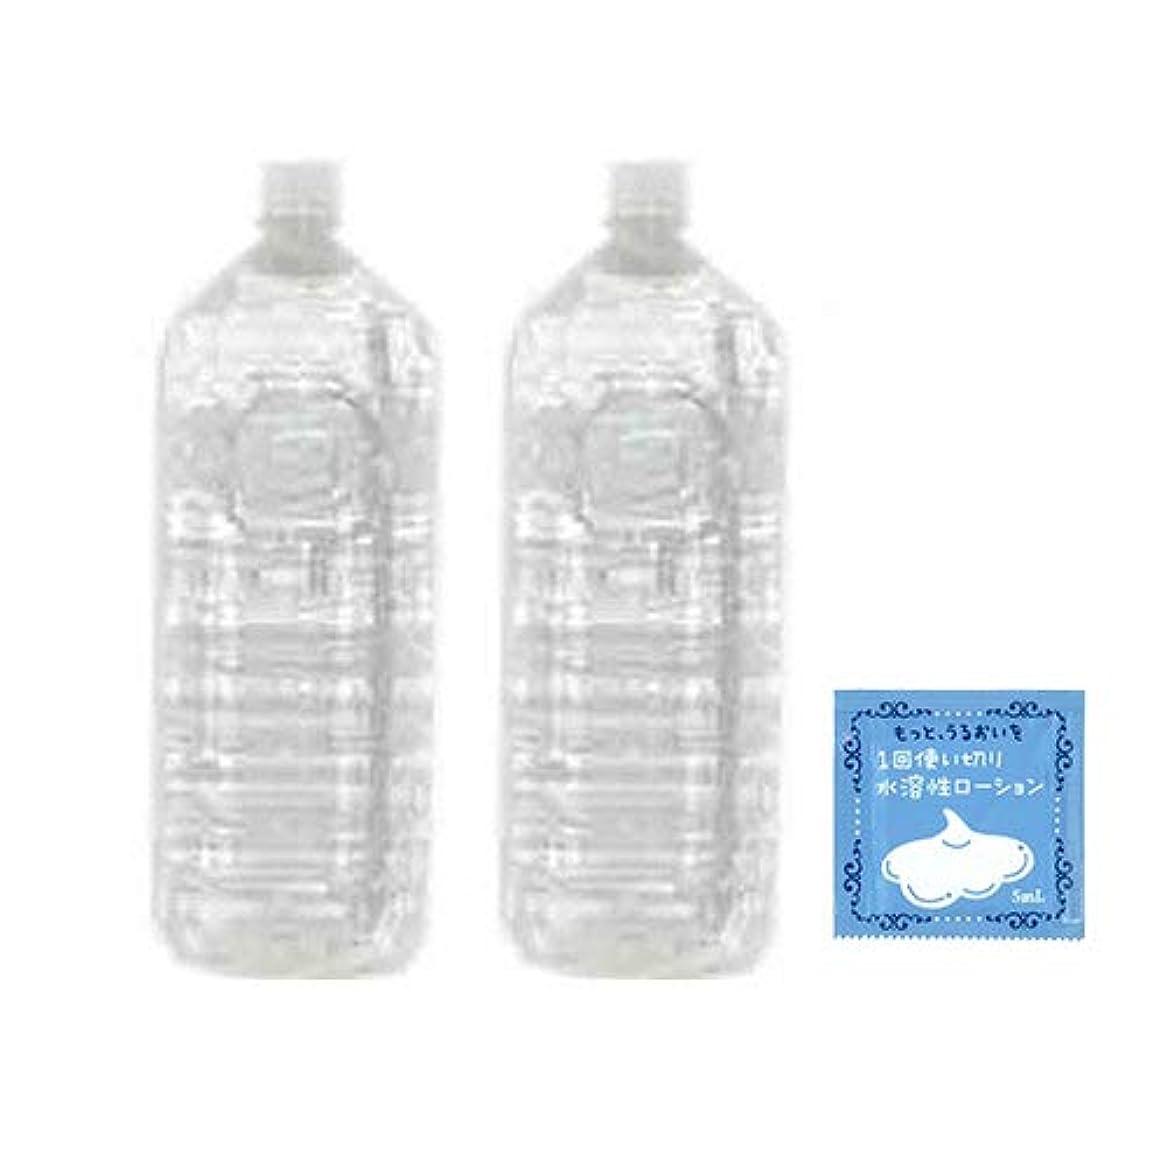 雑品厳密に女王クリアローション 2Lペットボトル ハードタイプ(5倍濃縮原液) × 2本セット + 1回使い切り水溶性潤滑ローション